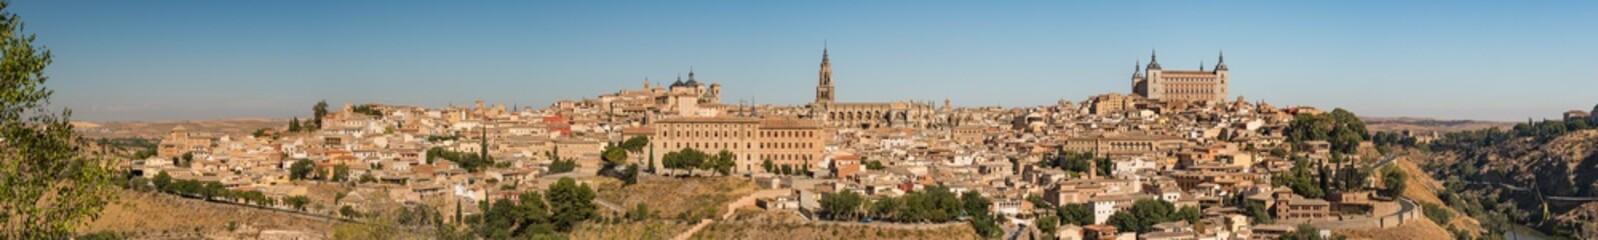 Panorama of Toledo